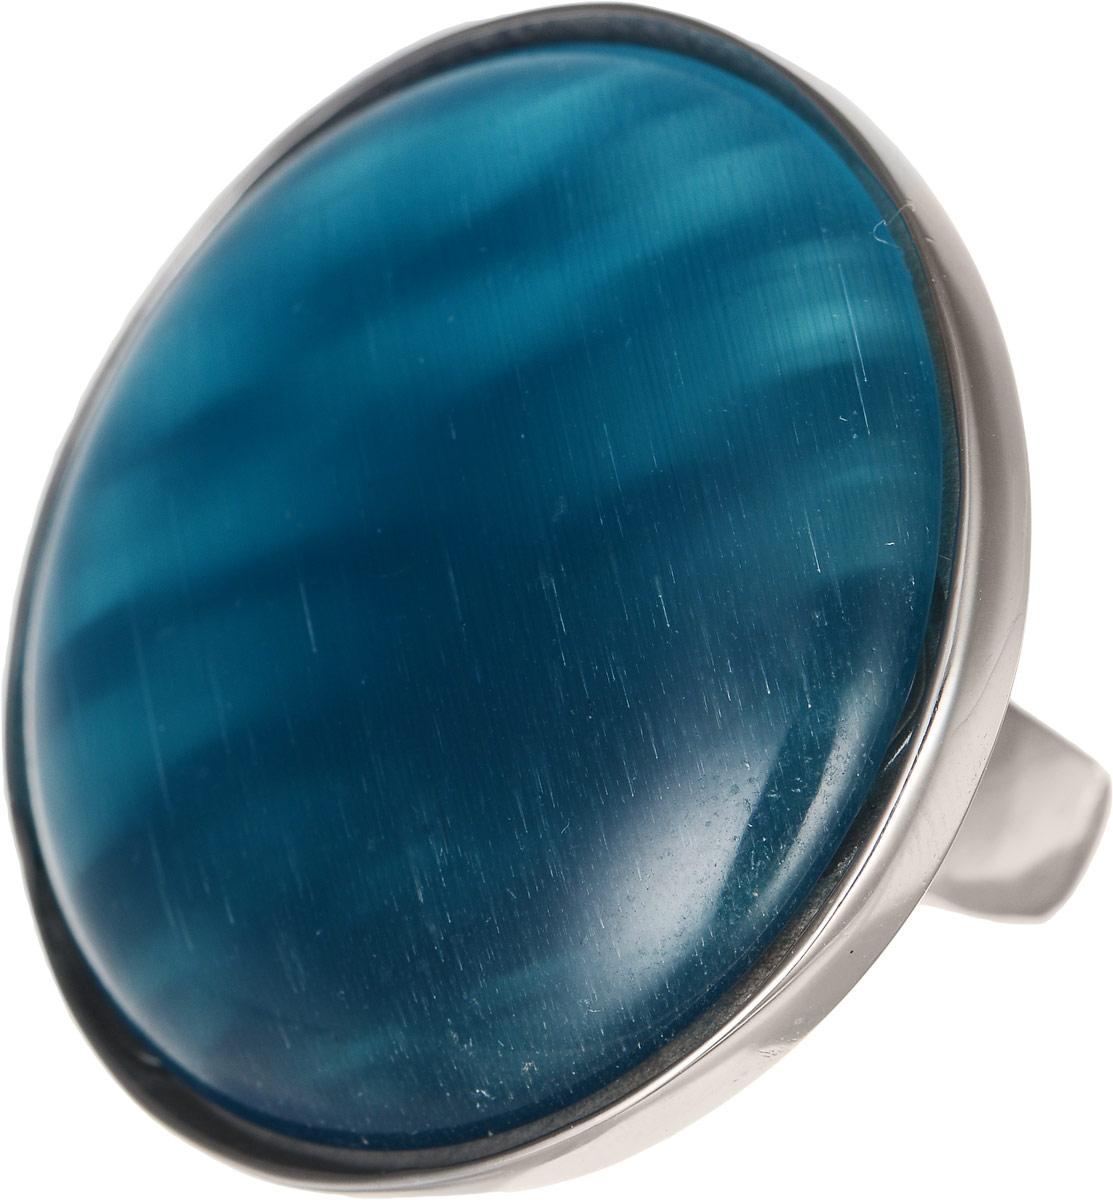 Кольцо Polina Selezneva, цвет: серебристый, синий. DG-0008. Размер 20DG-0008-10Оригинальное кольцо Polina Selezneva выполнено из бижутерийного сплава. Изделие круглой формы, дополнено искусственным камнем. Такое кольцо это блестящее завершение вашего неповторимого, смелого образа и отличный подарок для ценительницы необычных украшений!